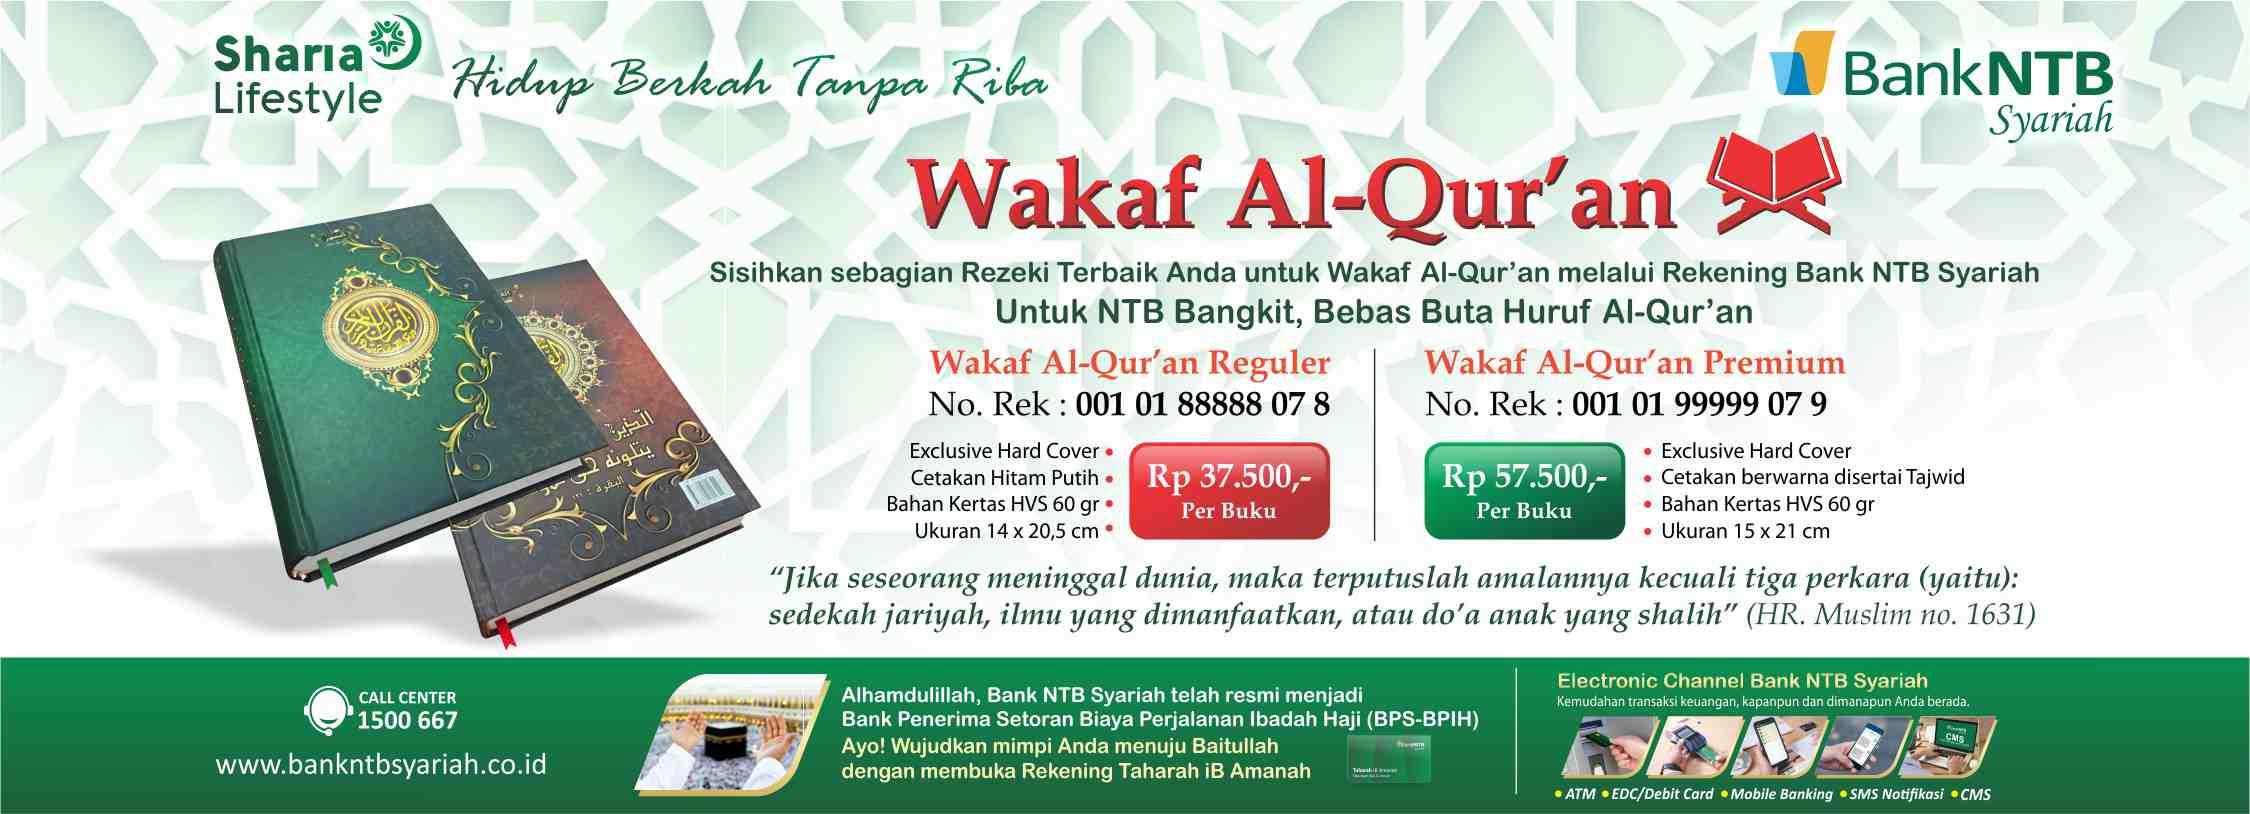 Wakaf Al-Qur'an